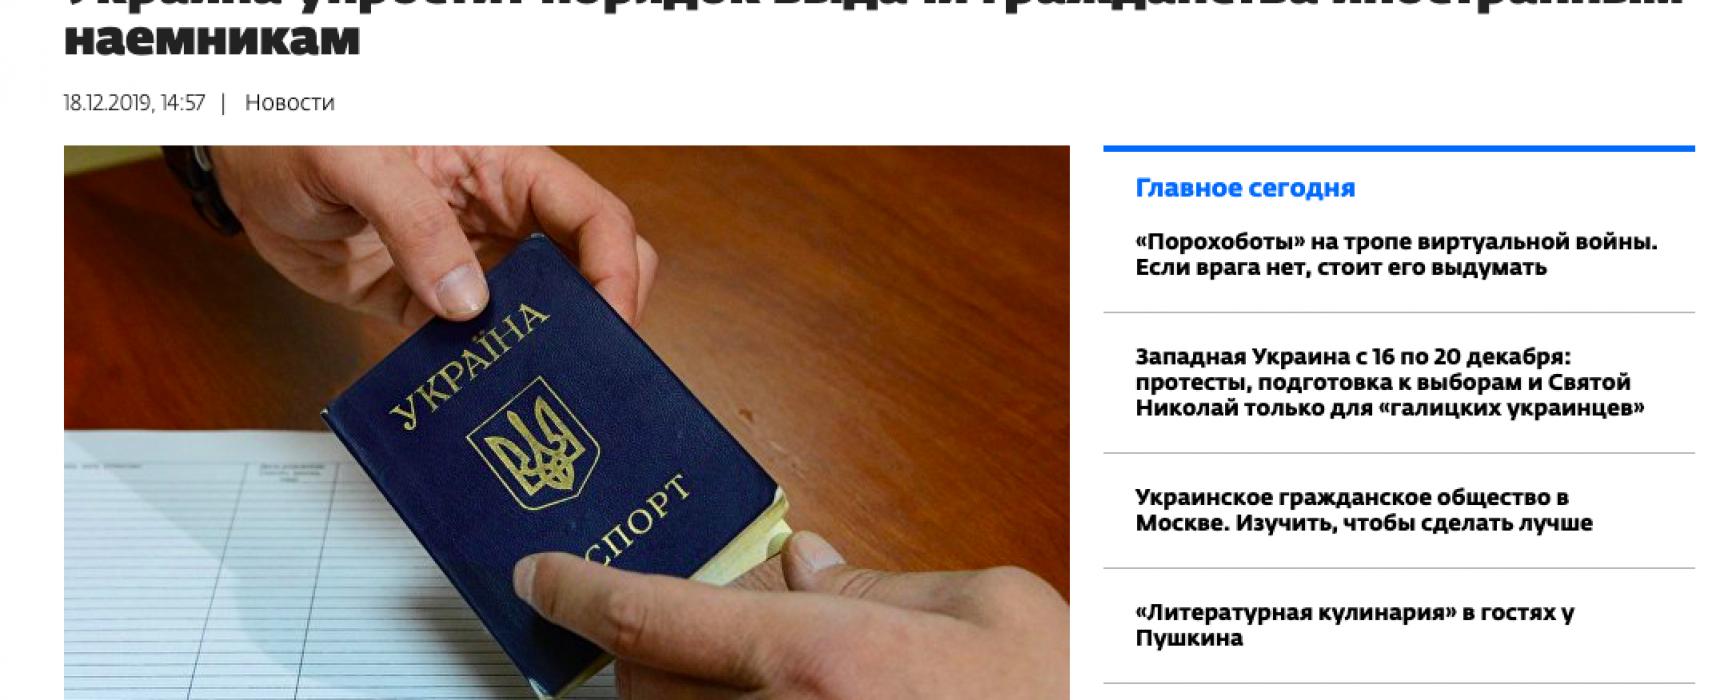 Фейк: Украина дает гражданство «убийцам» и «карателям»